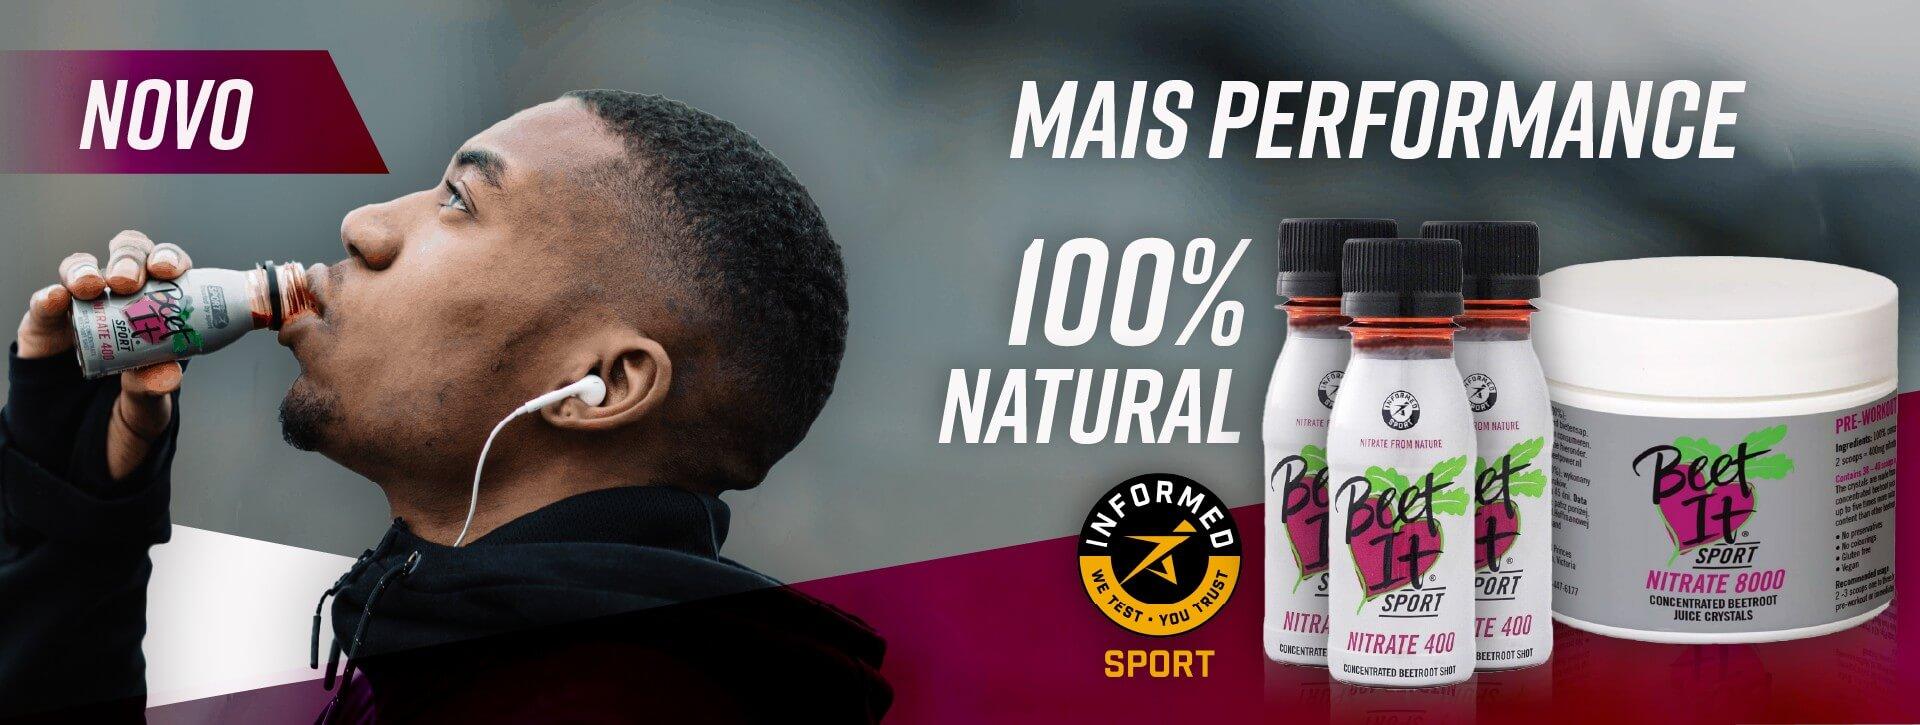 Beet it sport em Portugal